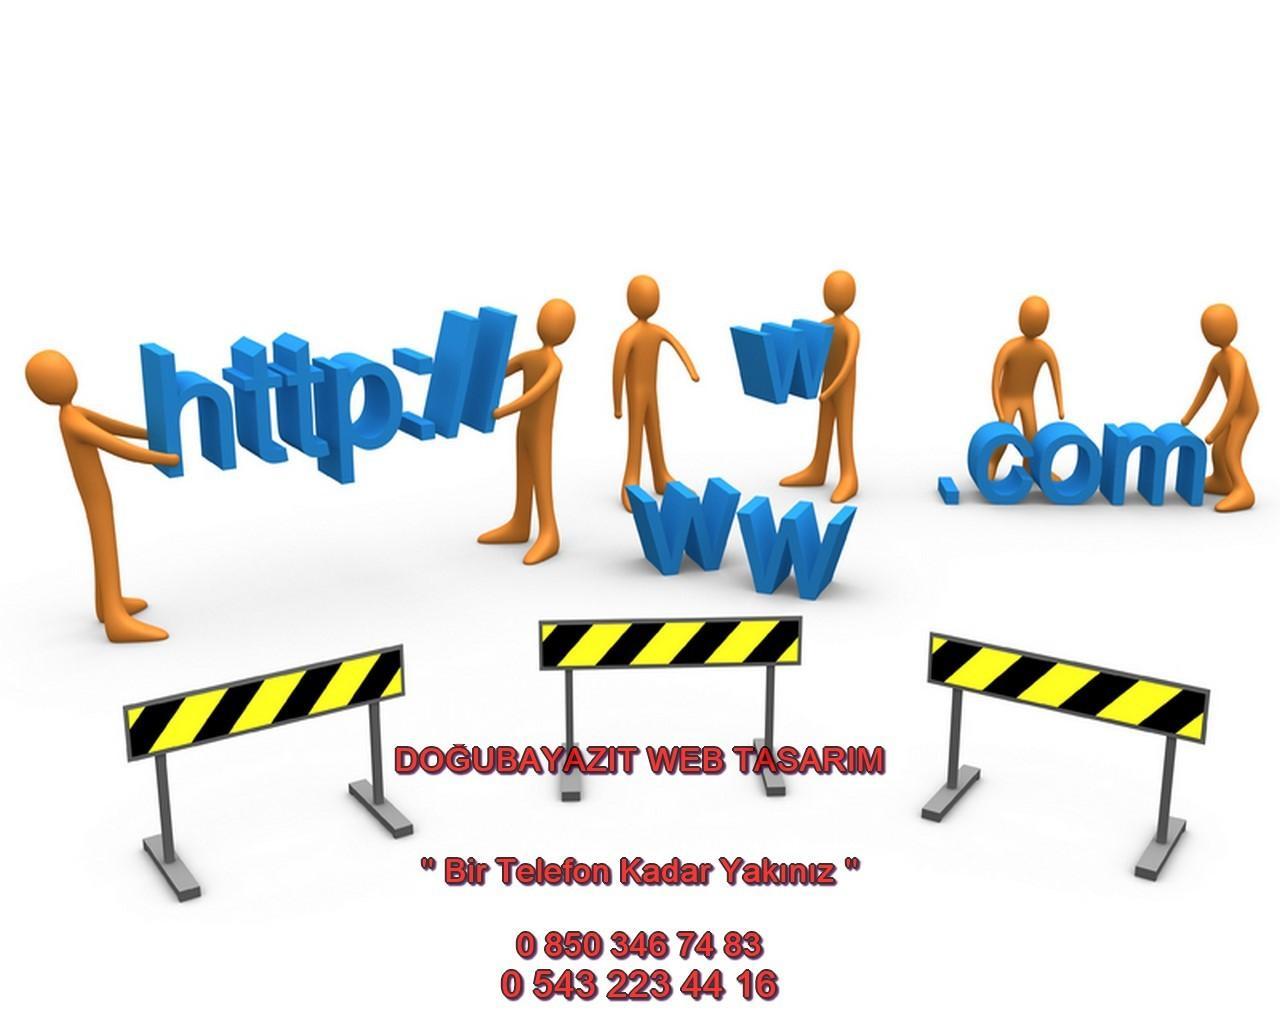 Doğubayazıt Web Tasarım